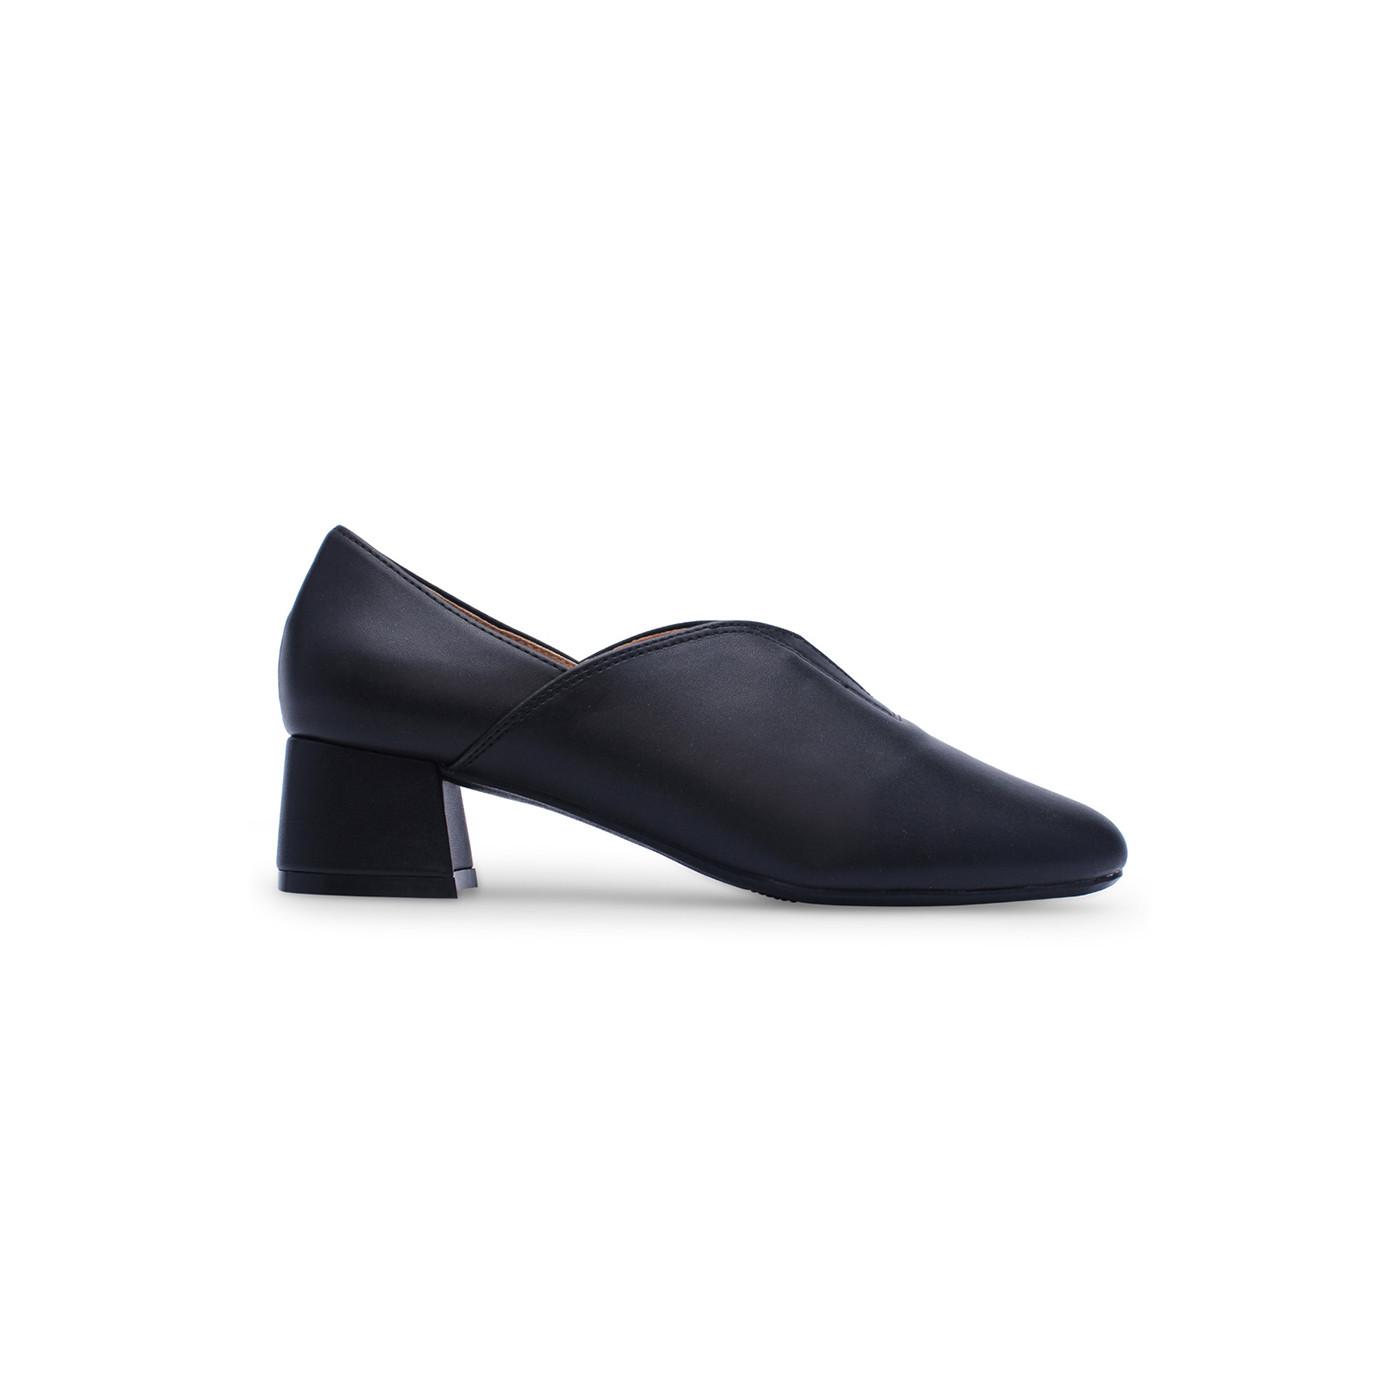 Giày boot nữ gót vuông dễ phối thời trang thương hiệu PABNO-PN607